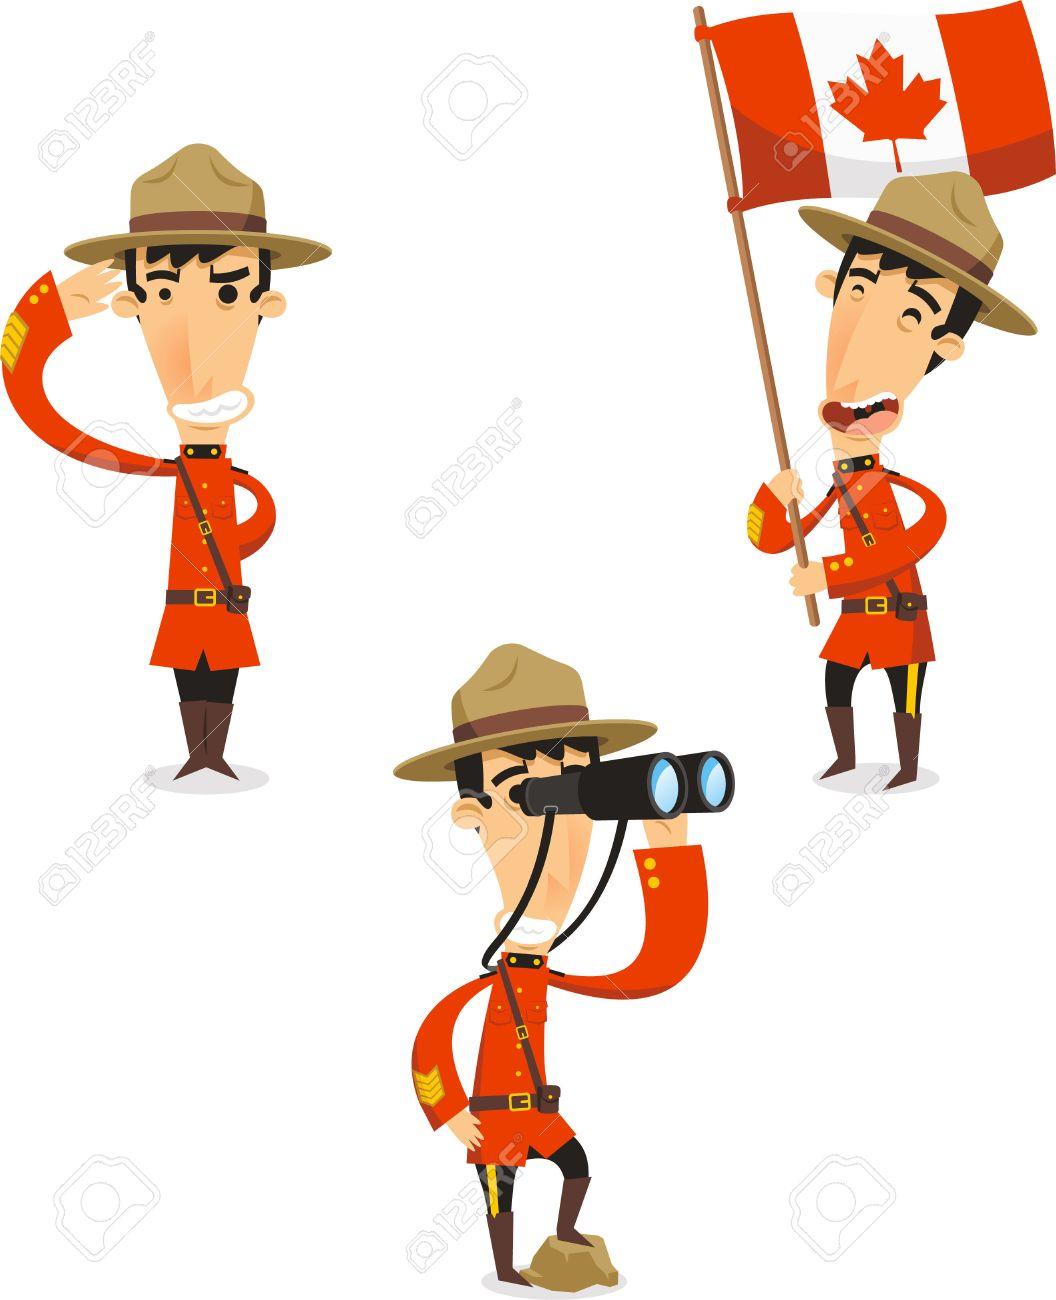 カナダ レンジャー漫画イラストのイラスト素材ベクタ Image 33953599